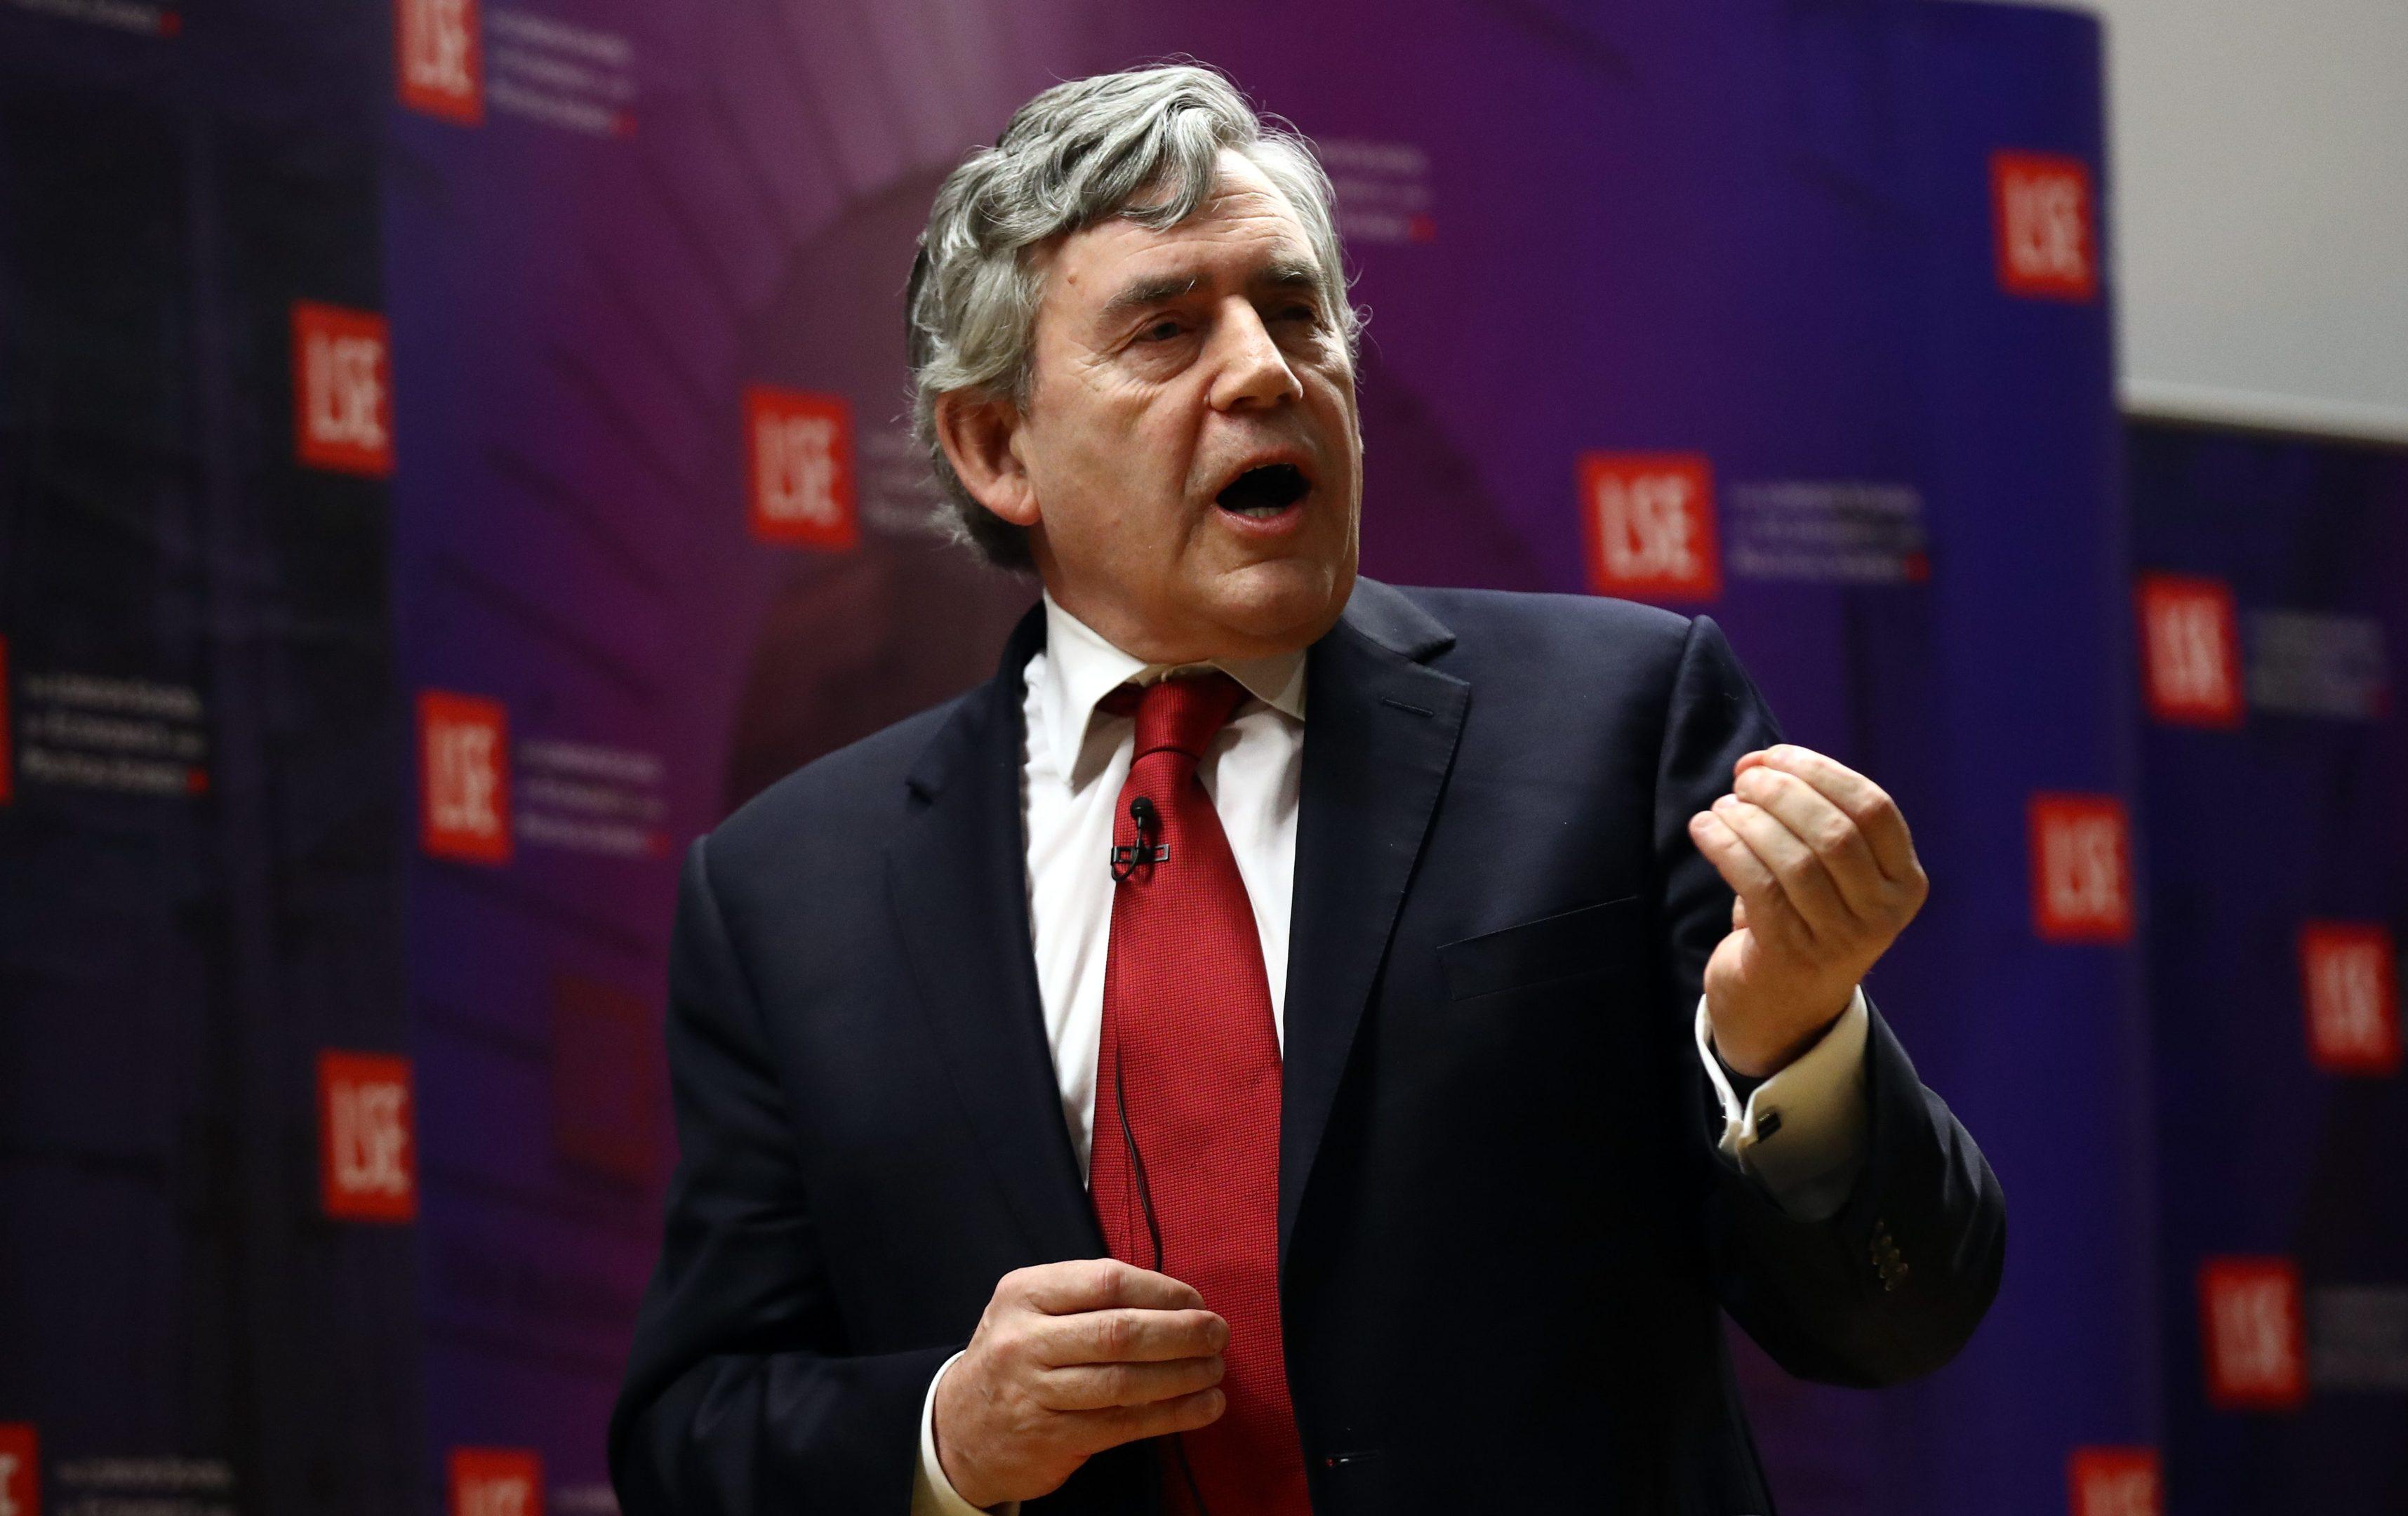 Gordon Brown.